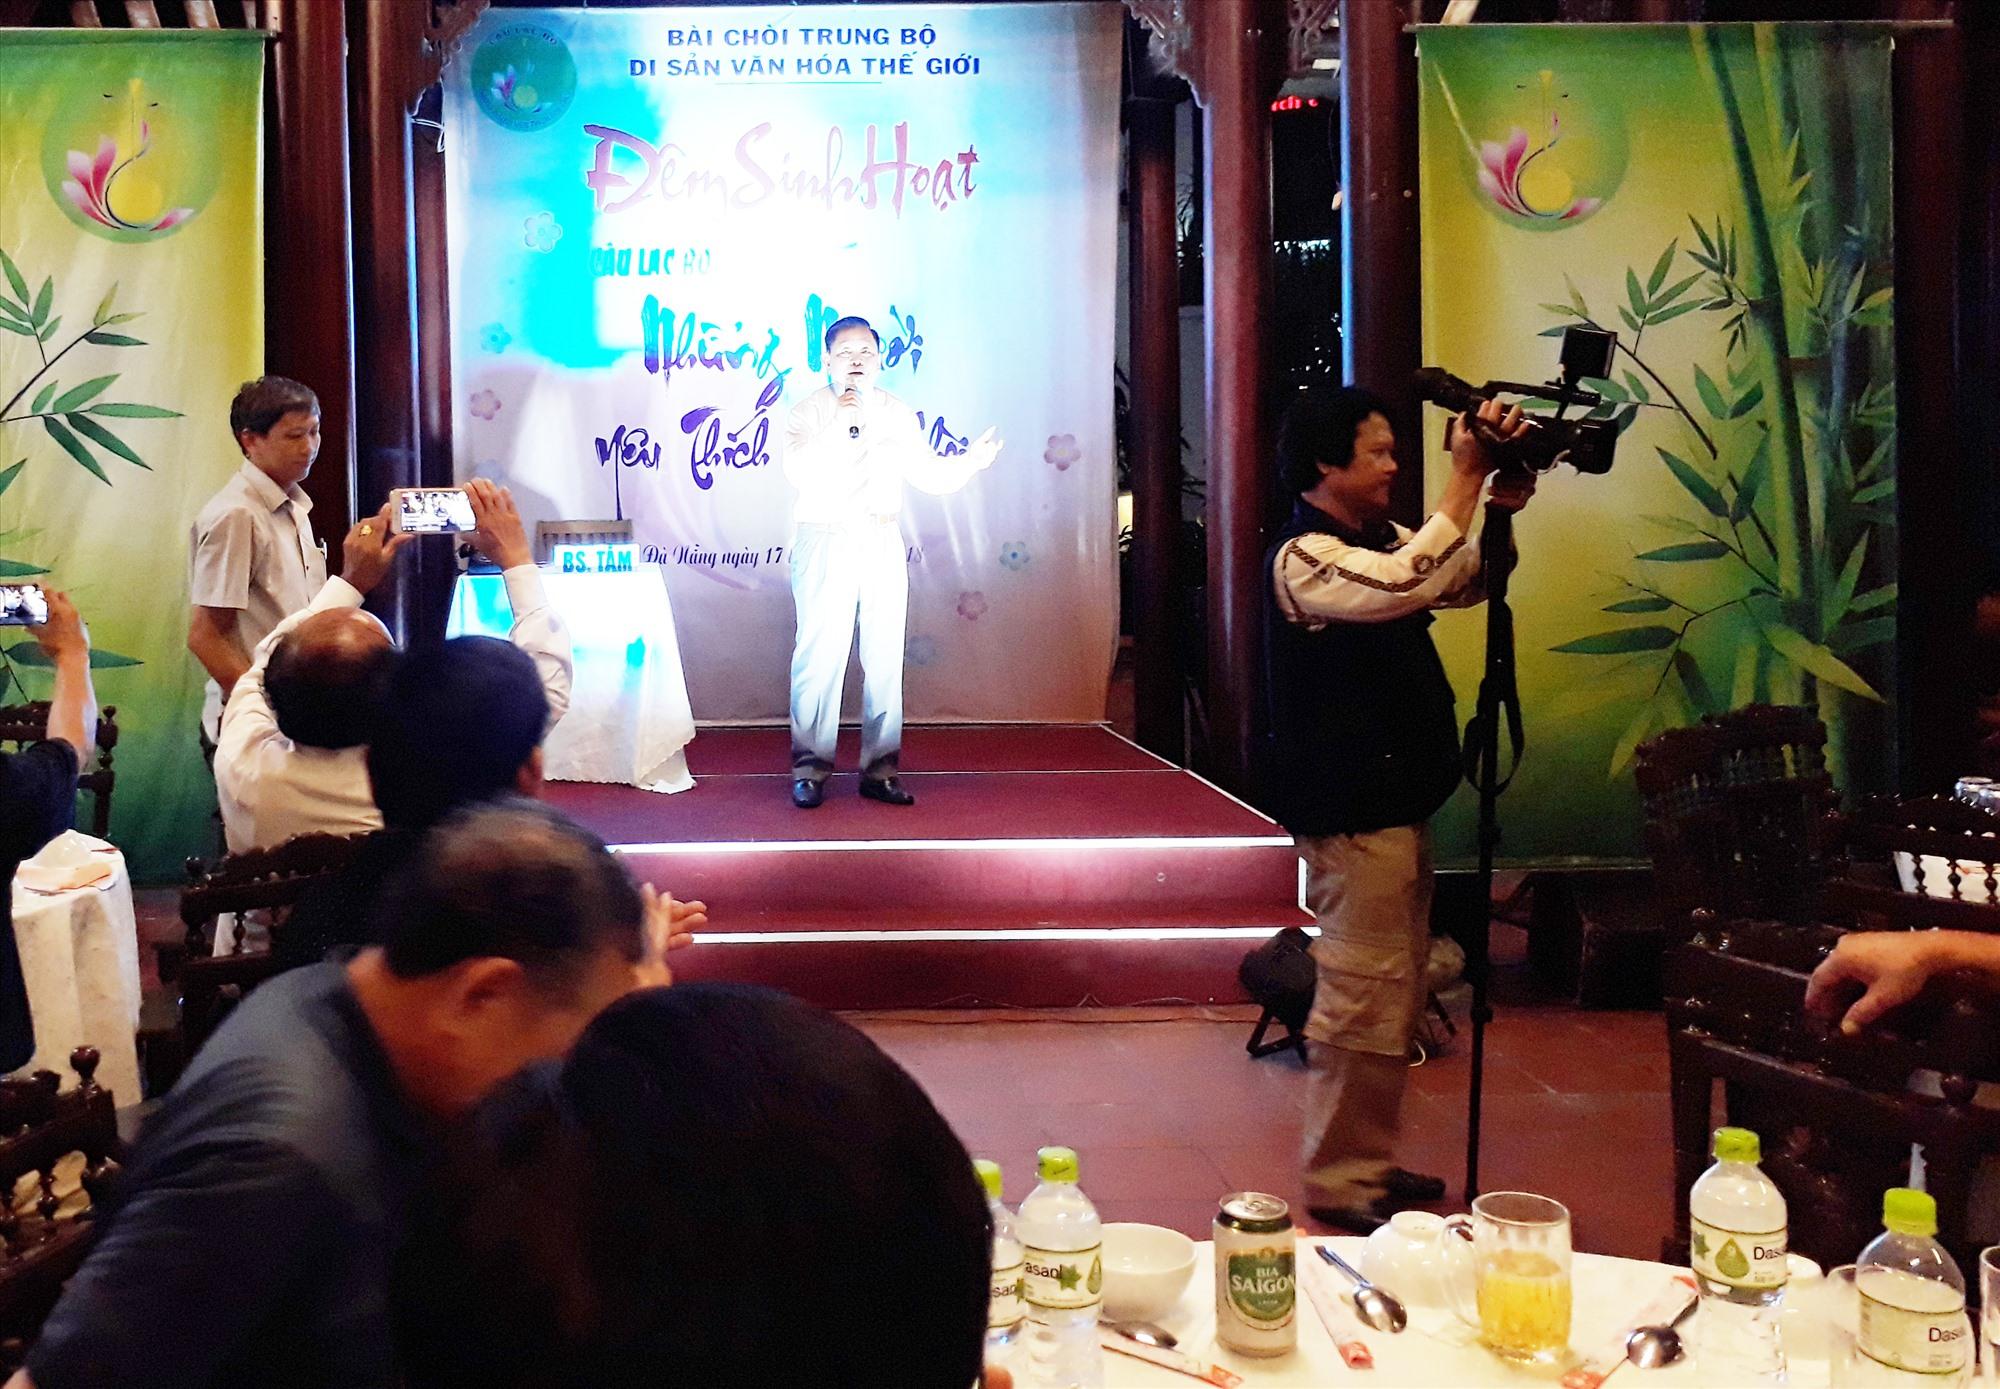 Một chương trình dân ca bài chòi của Câu lạc bộ Những người yêu thích dân ca bài chòi Quảng Nam - Đà Nẵng. Ảnh: K.Đ